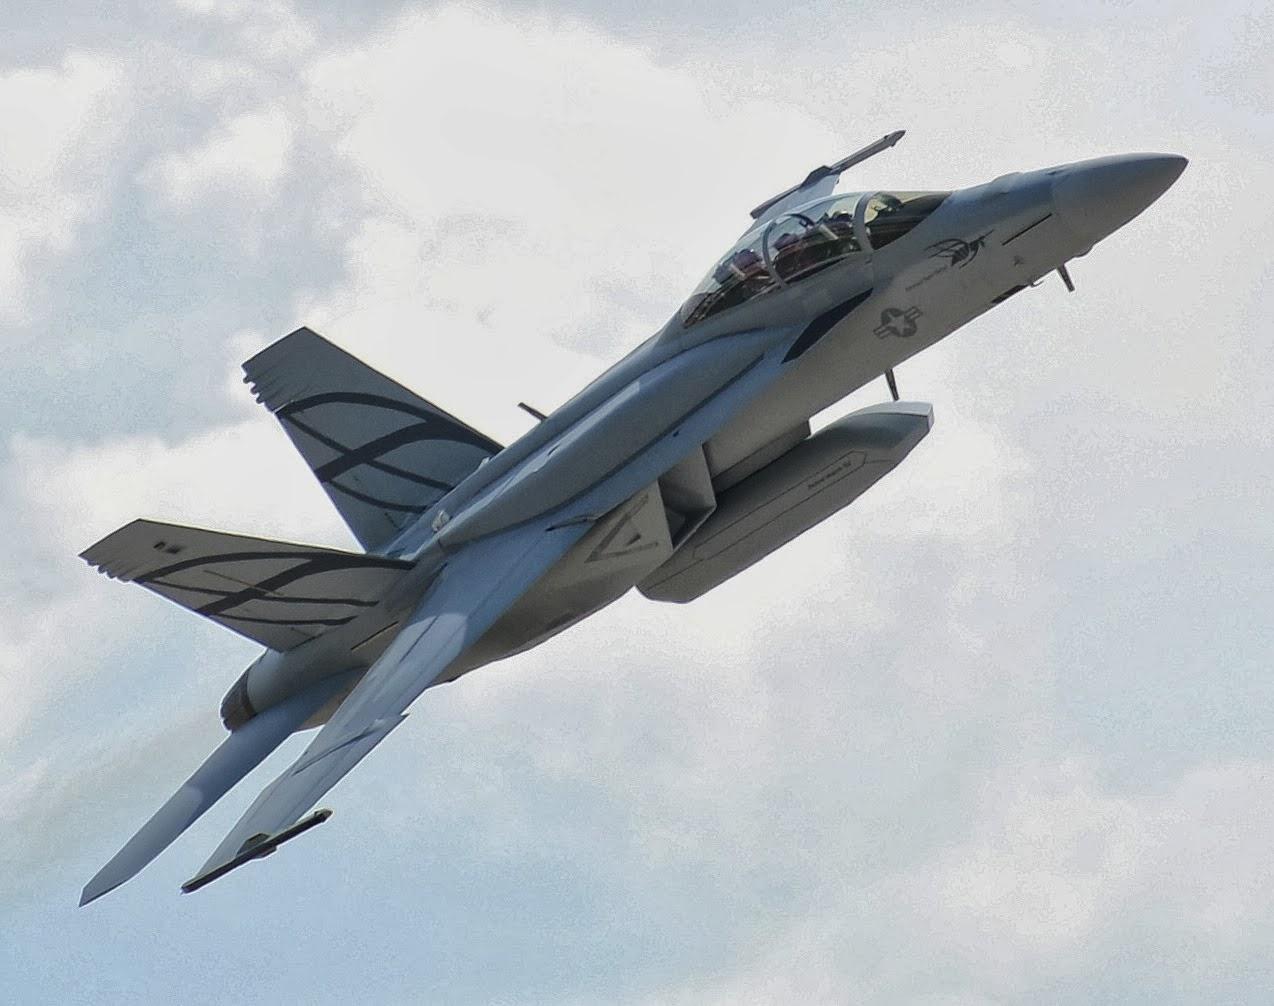 F 18 Advanced Super Hornet SNAFU!: Navy looking a...